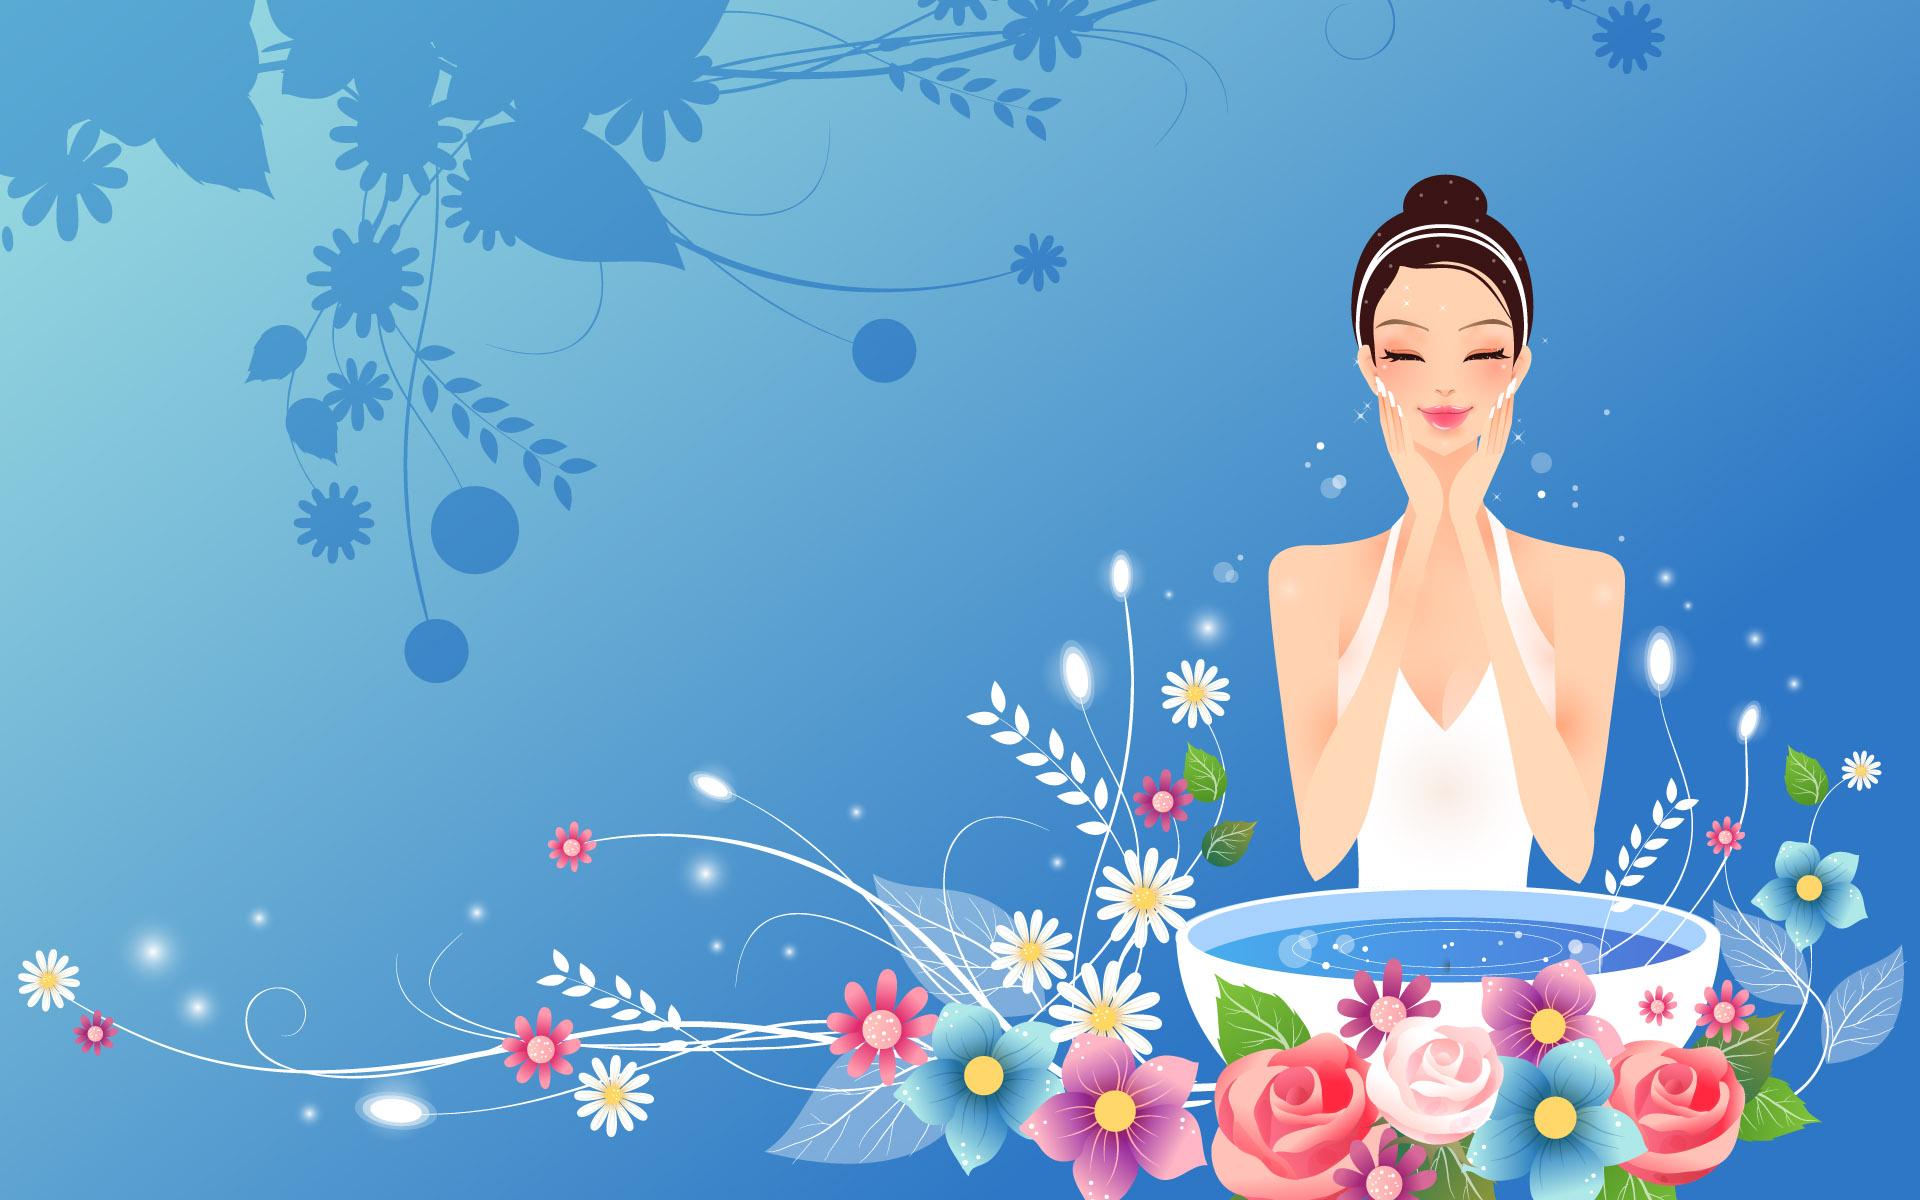 漂亮的卡通高清密码图片素材(40P)[中国Photo解锁美女美女图片